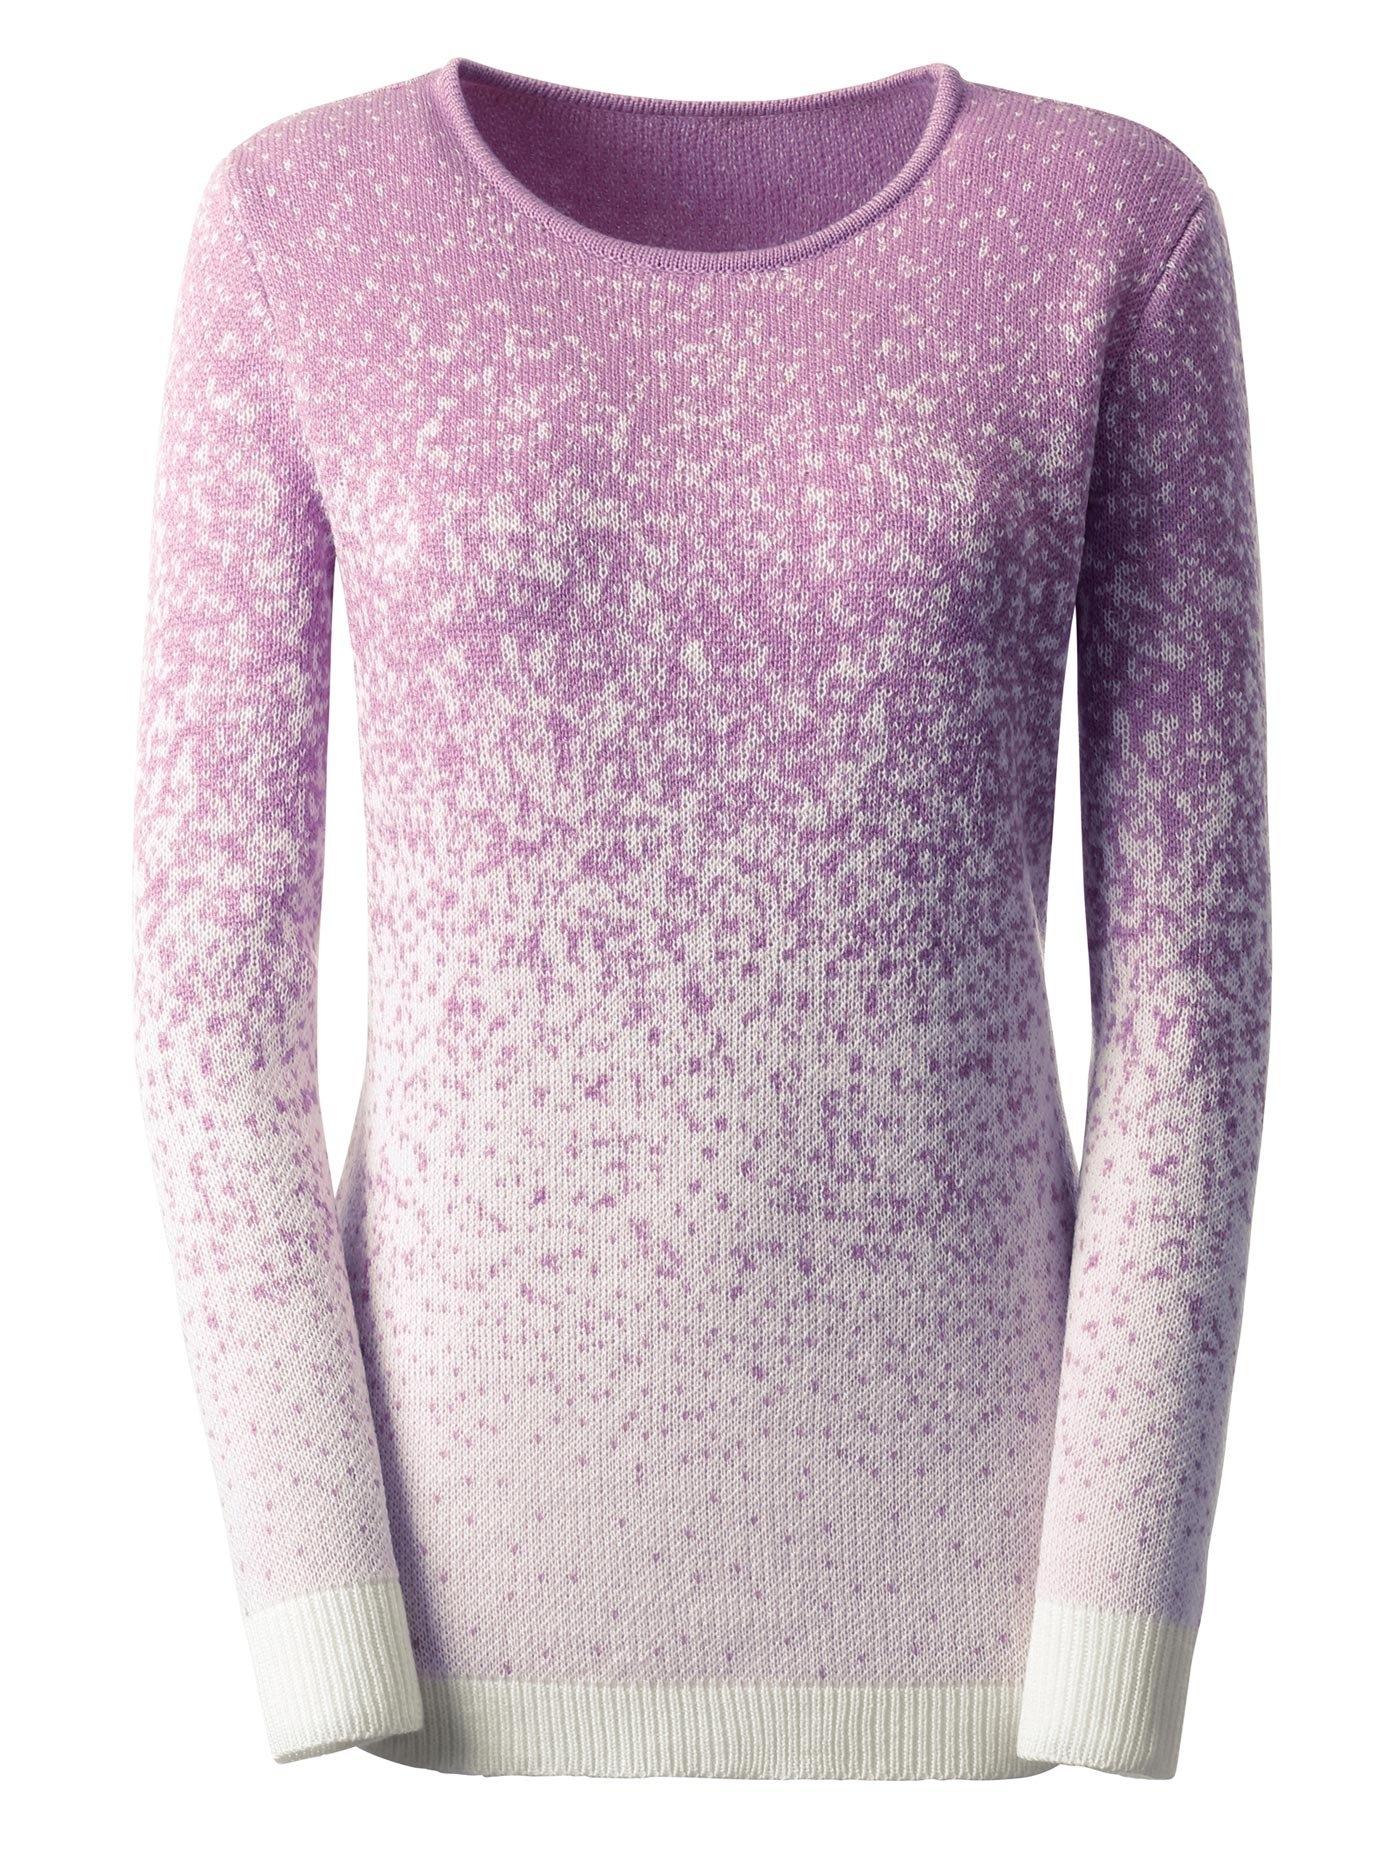 Op zoek naar een Classic Basics trui met ronde hals Trui? Koop online bij OTTO